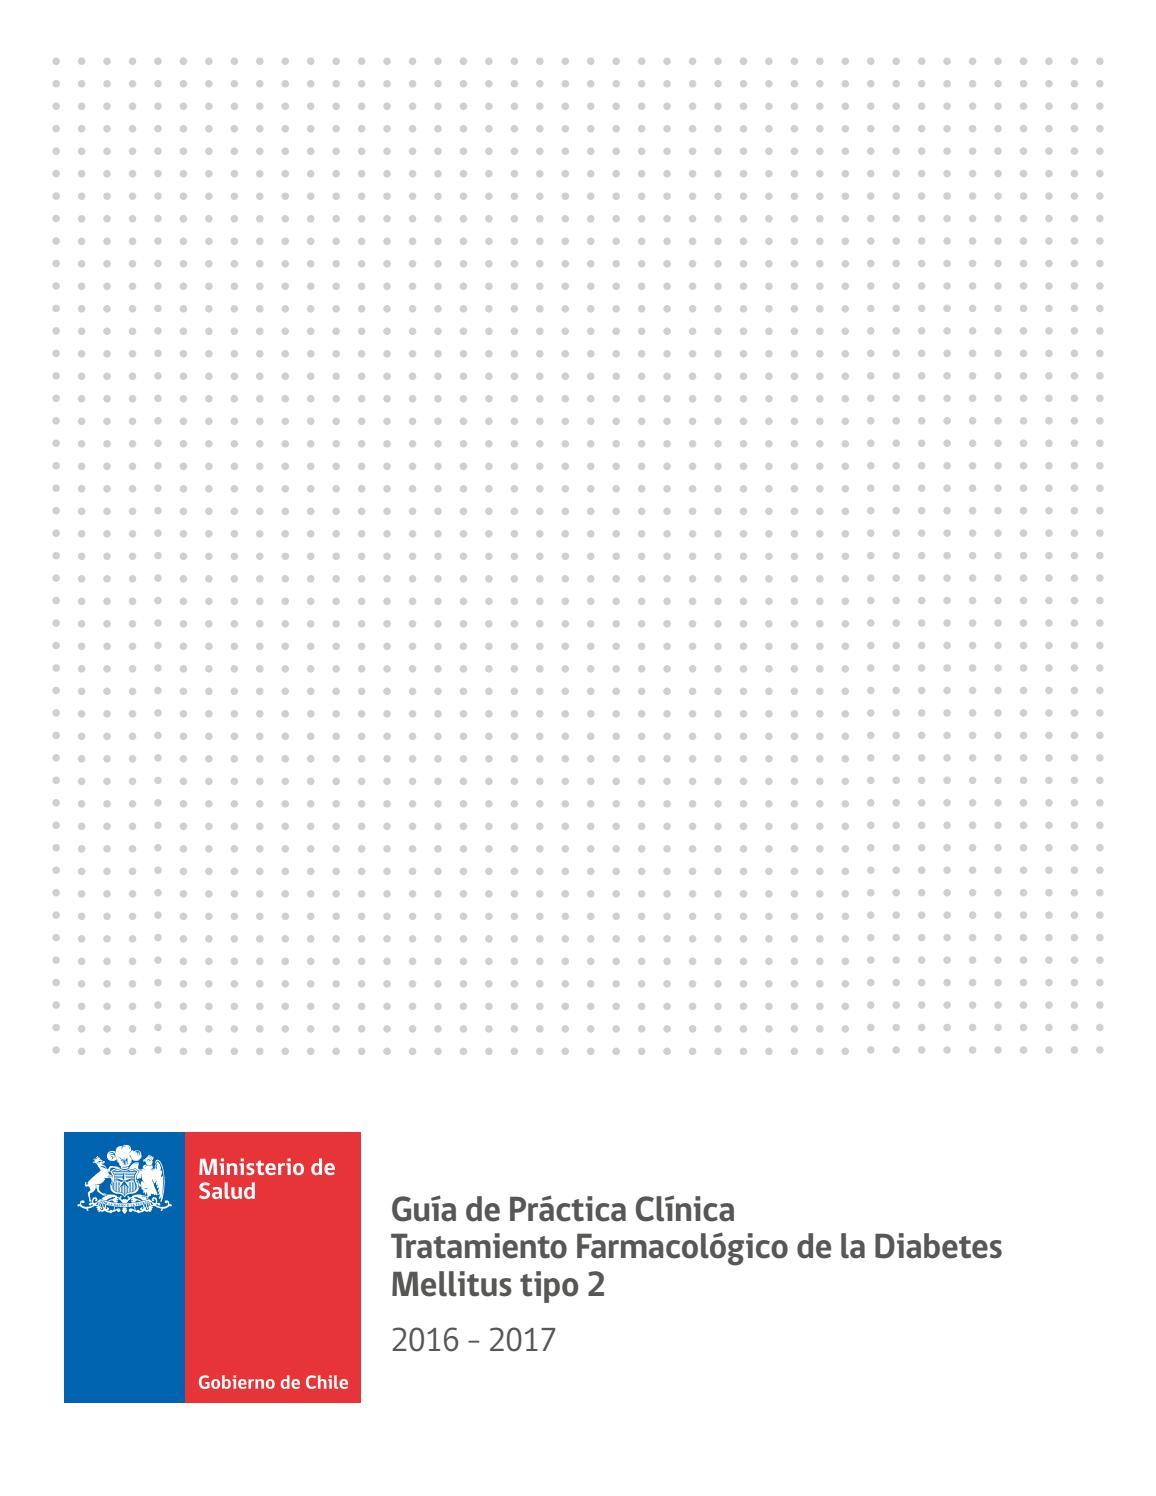 tratamiento farmacológico de diabetes tipo 2